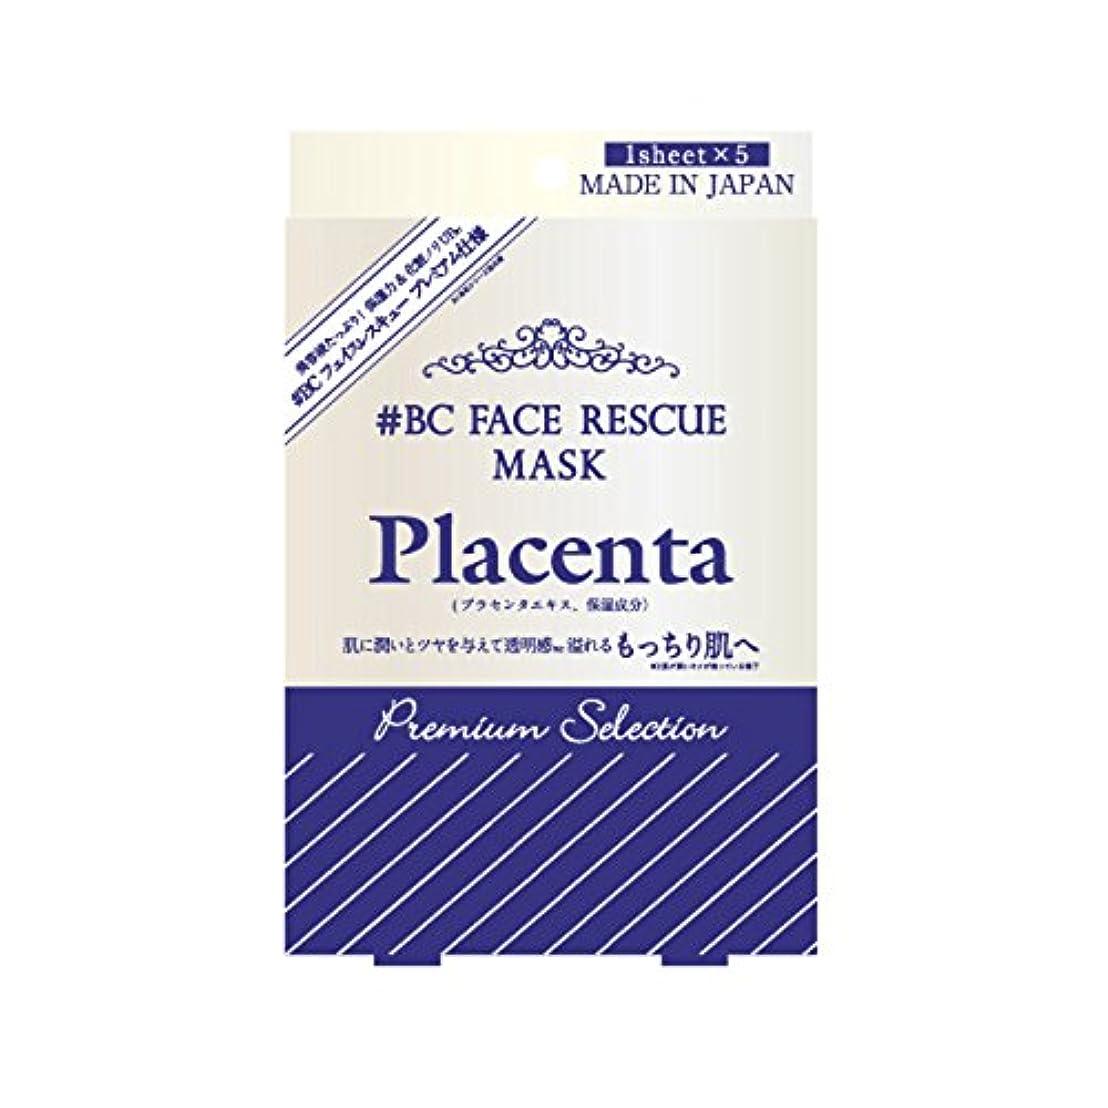 炭水化物フェロー諸島売るプラセンタ フェイスレスキューマスク PS 1箱(25ml×5枚)